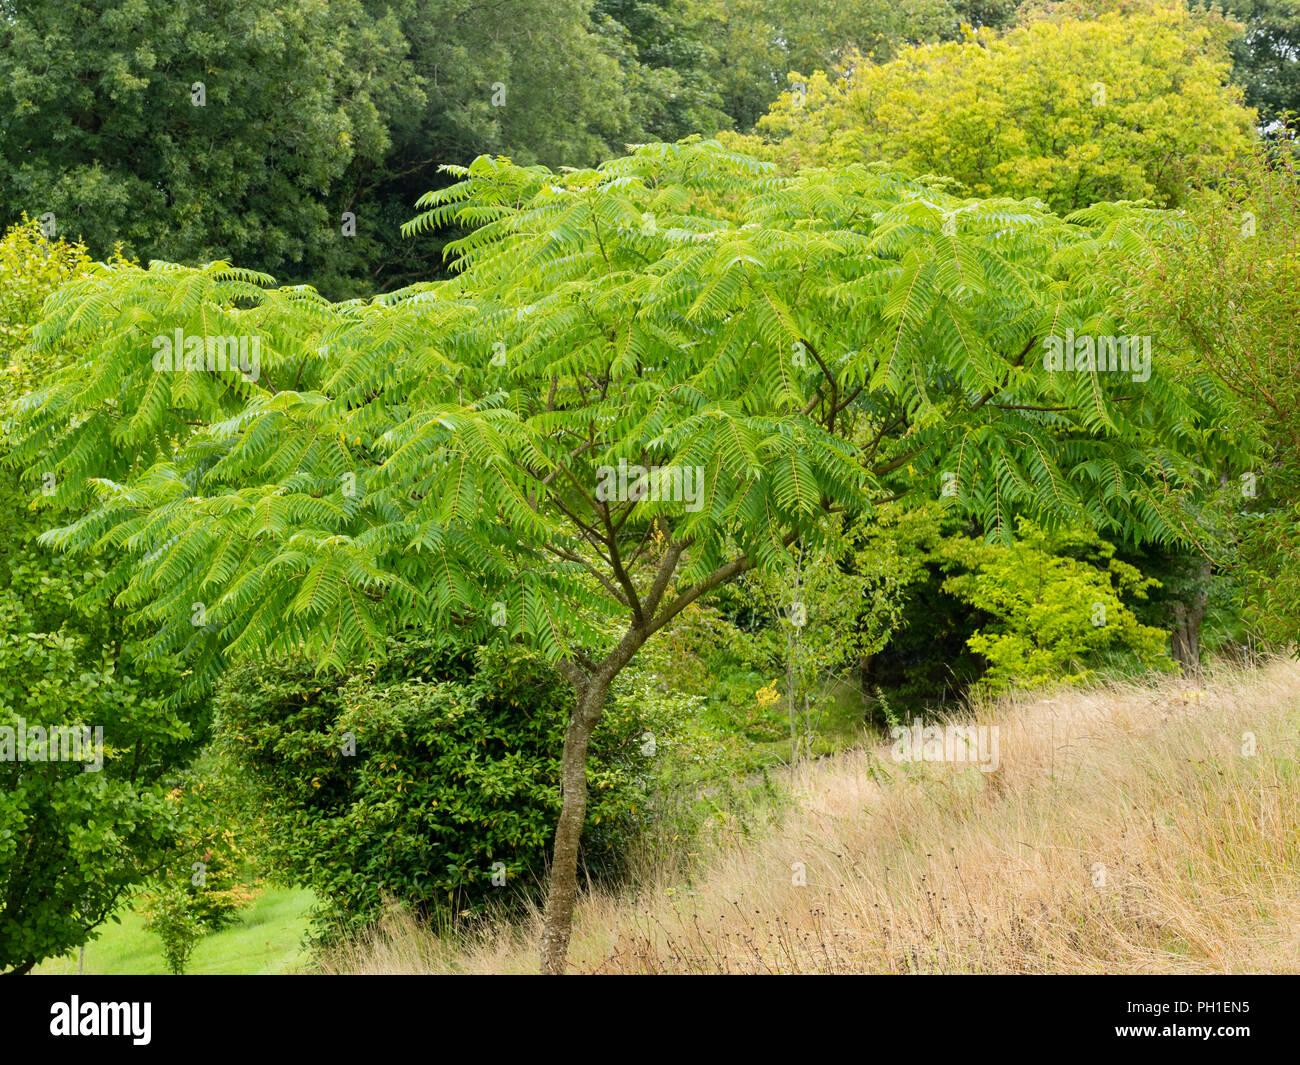 Les feuilles pennées et étalé de la moitié hardy prickly ash tree, Zanthoxylum ailanthoides Photo Stock